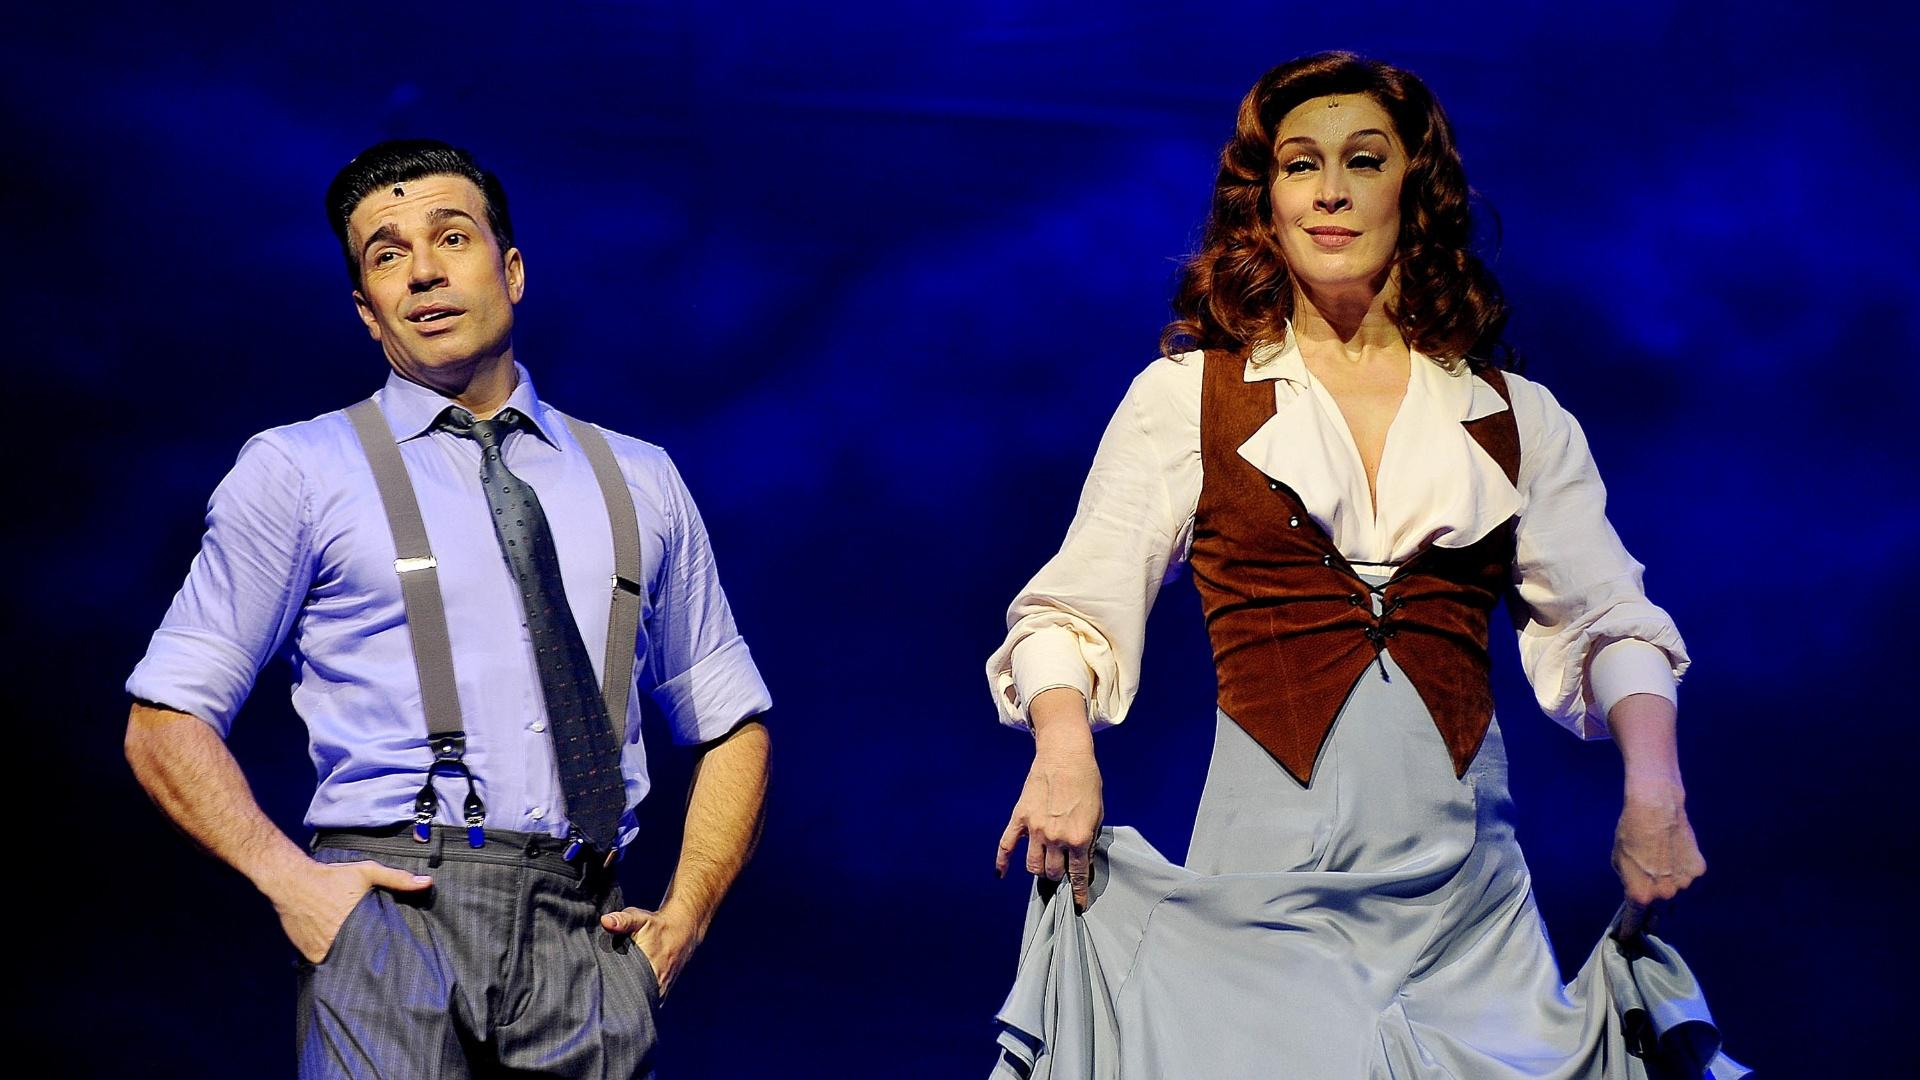 26.nov.2013 - Cláudia Raia e Jarbas Homem de Mello estreiam espetáculo musical da Broadway